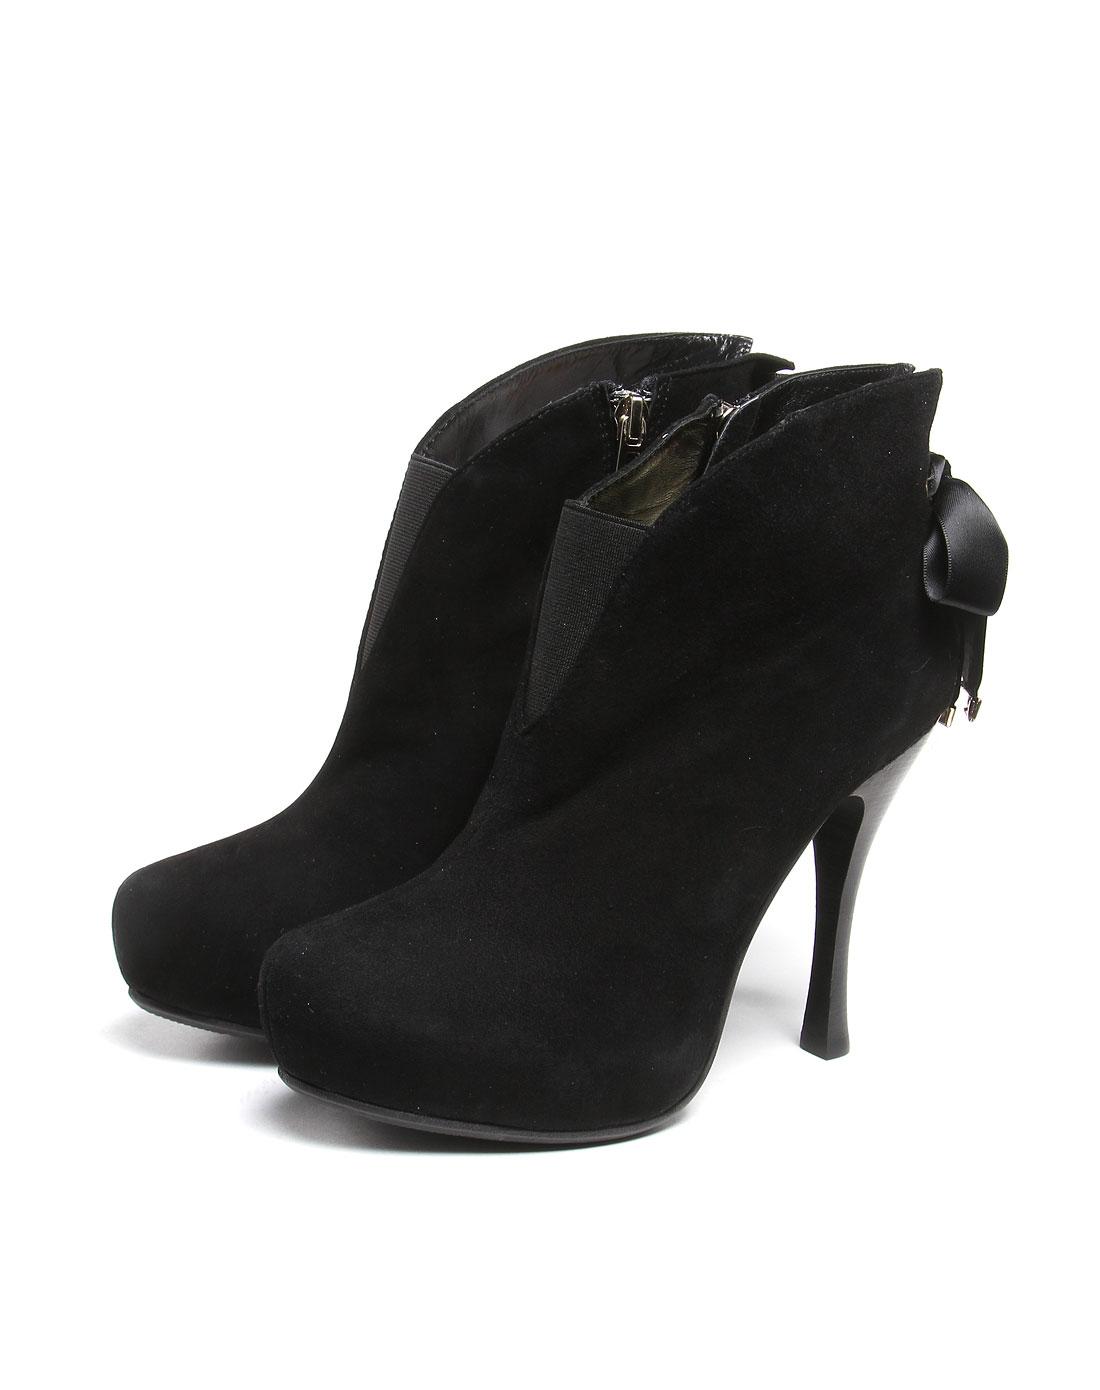 歌力思黑色高贵时尚高跟鞋